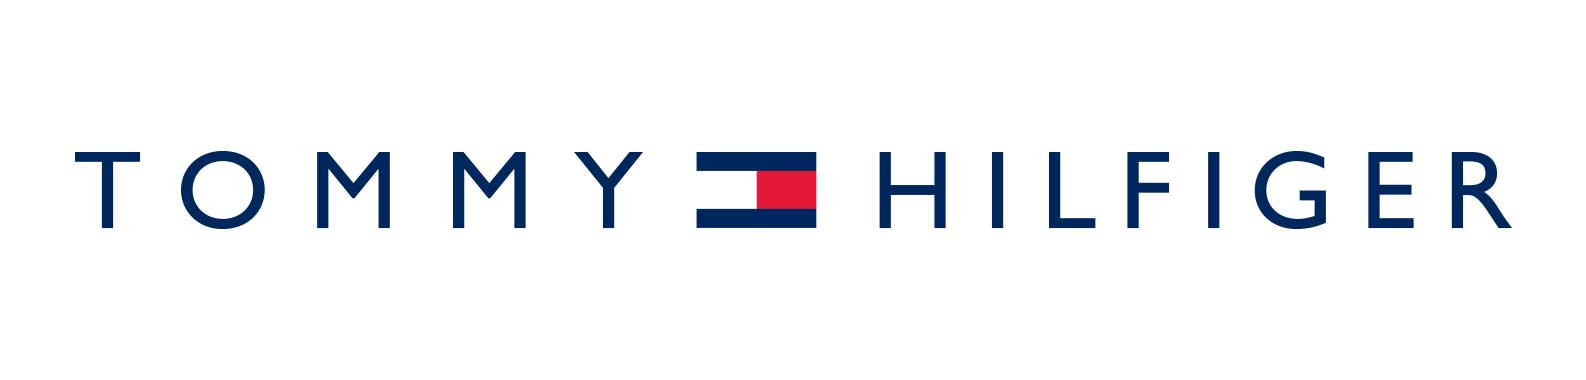 Tommy Hilfiger brand header image